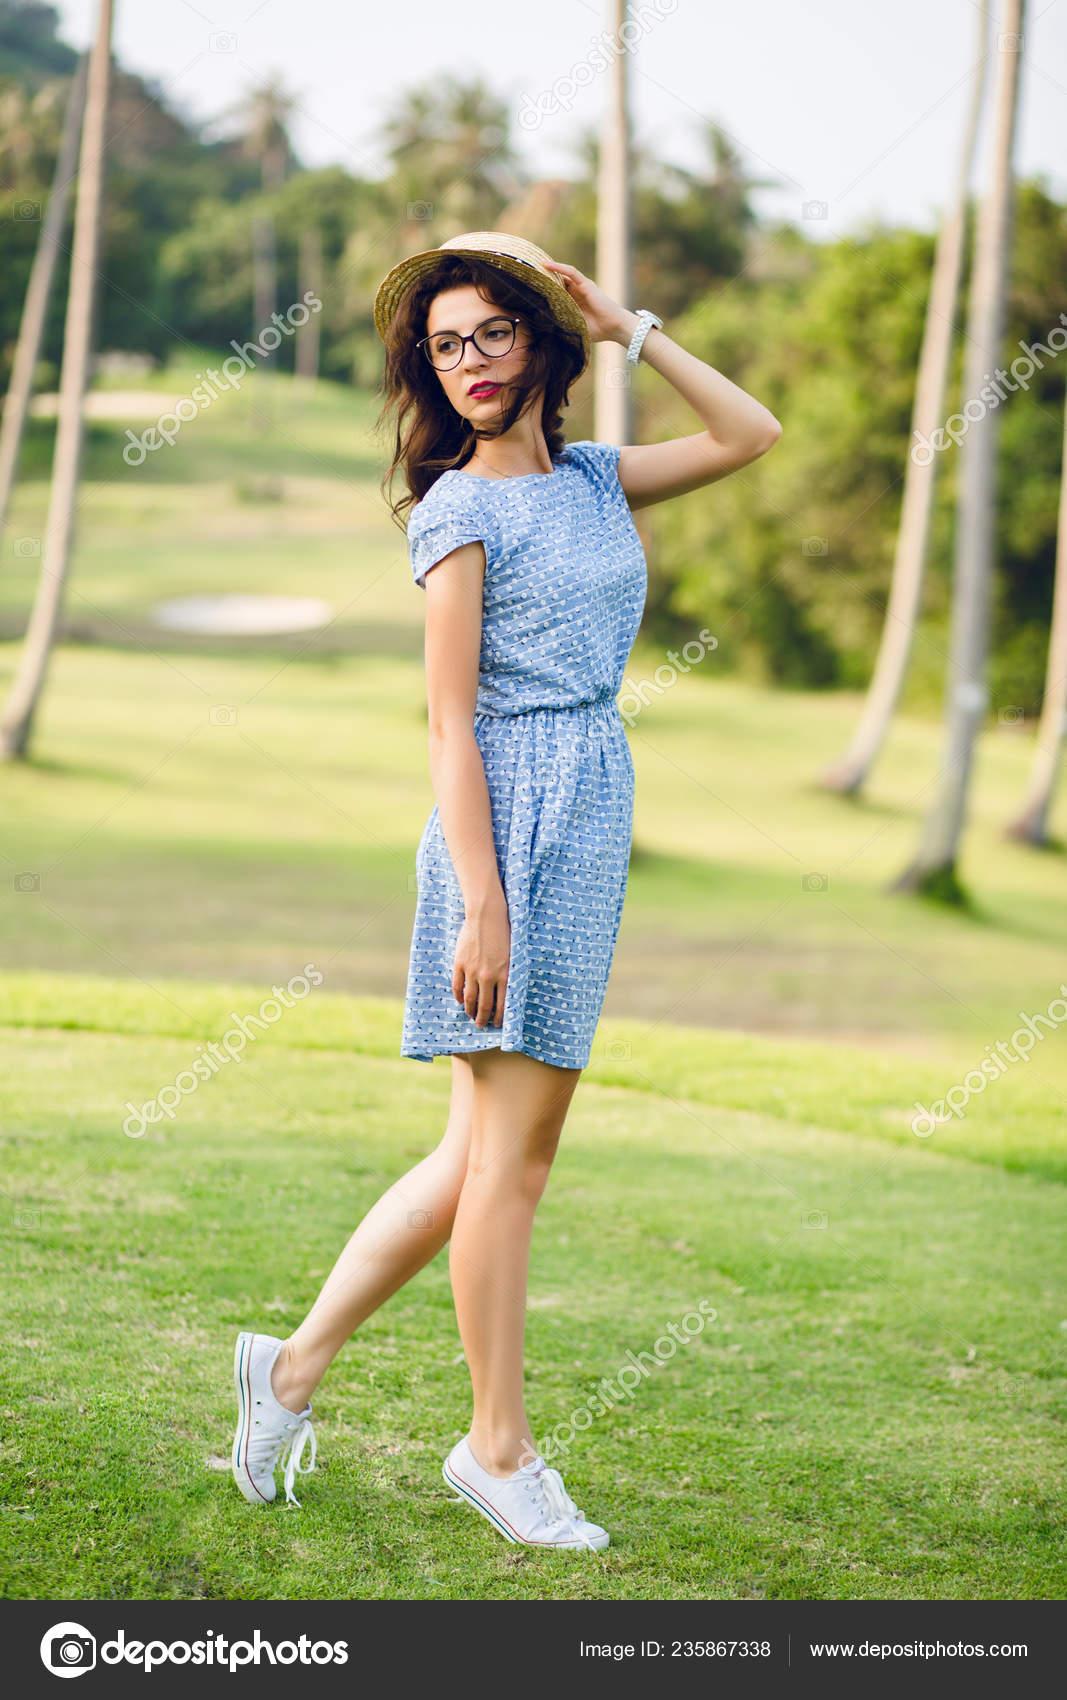 Niña Con Vestido Azul Celeste Está Pie Parque Chica Tiene